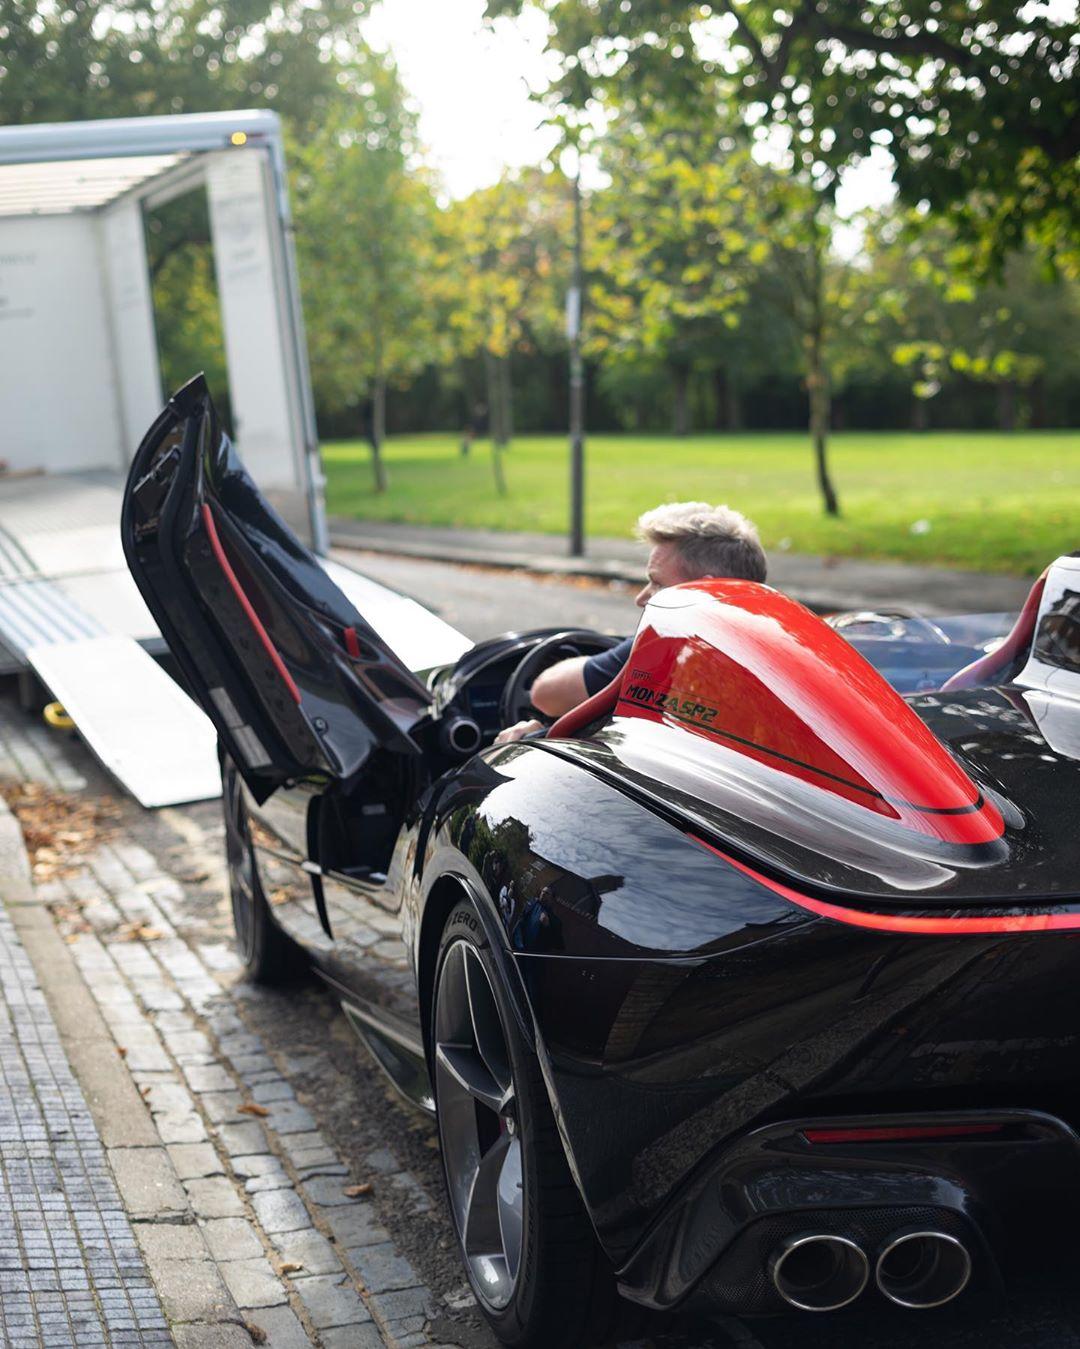 Gordon-Ramsay-Ferrari-Monza-SP2-5